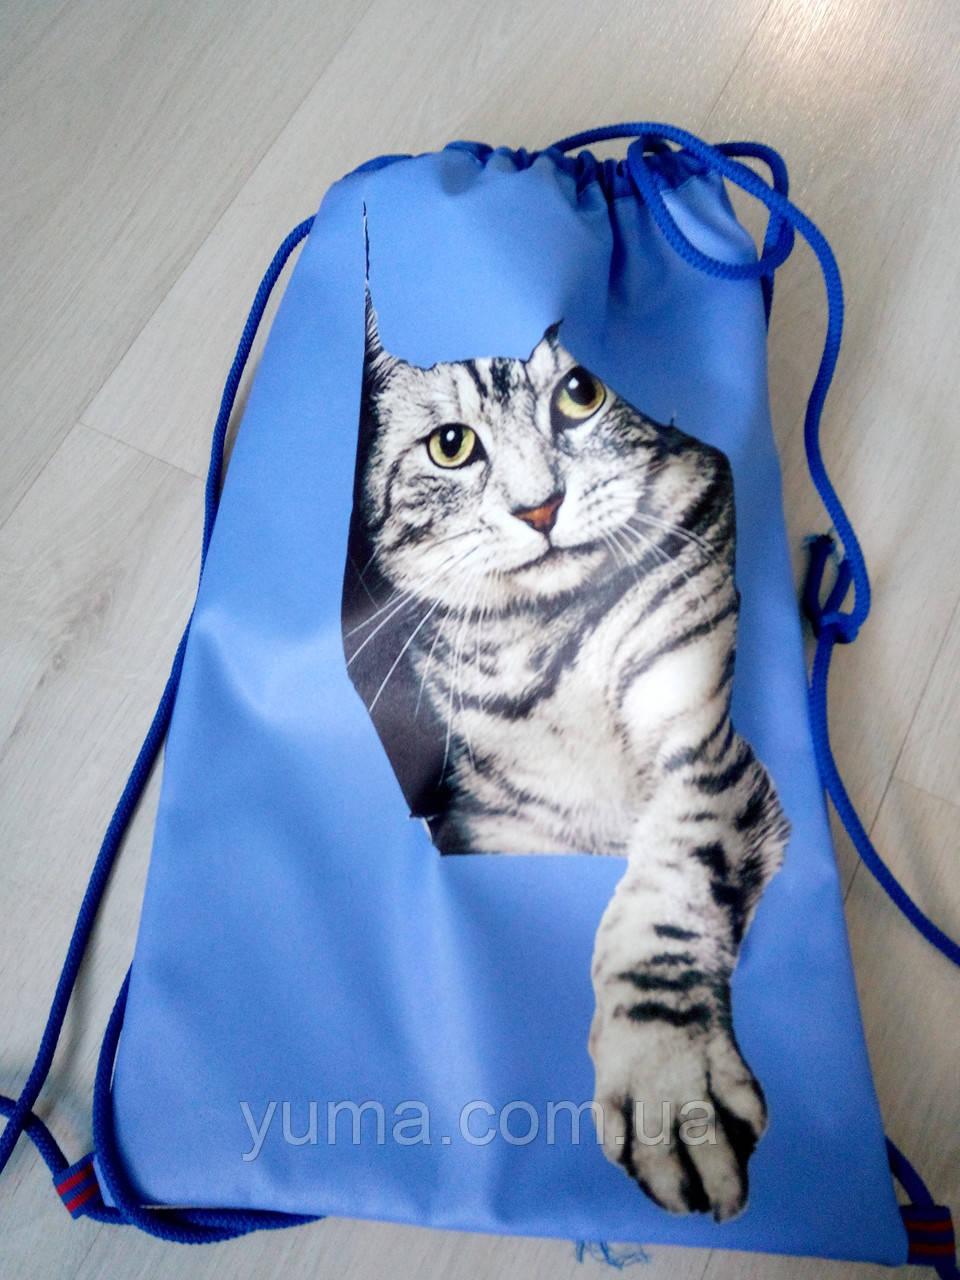 Рюкзак для сменной обуви на шнурках  Кот в синем №  3